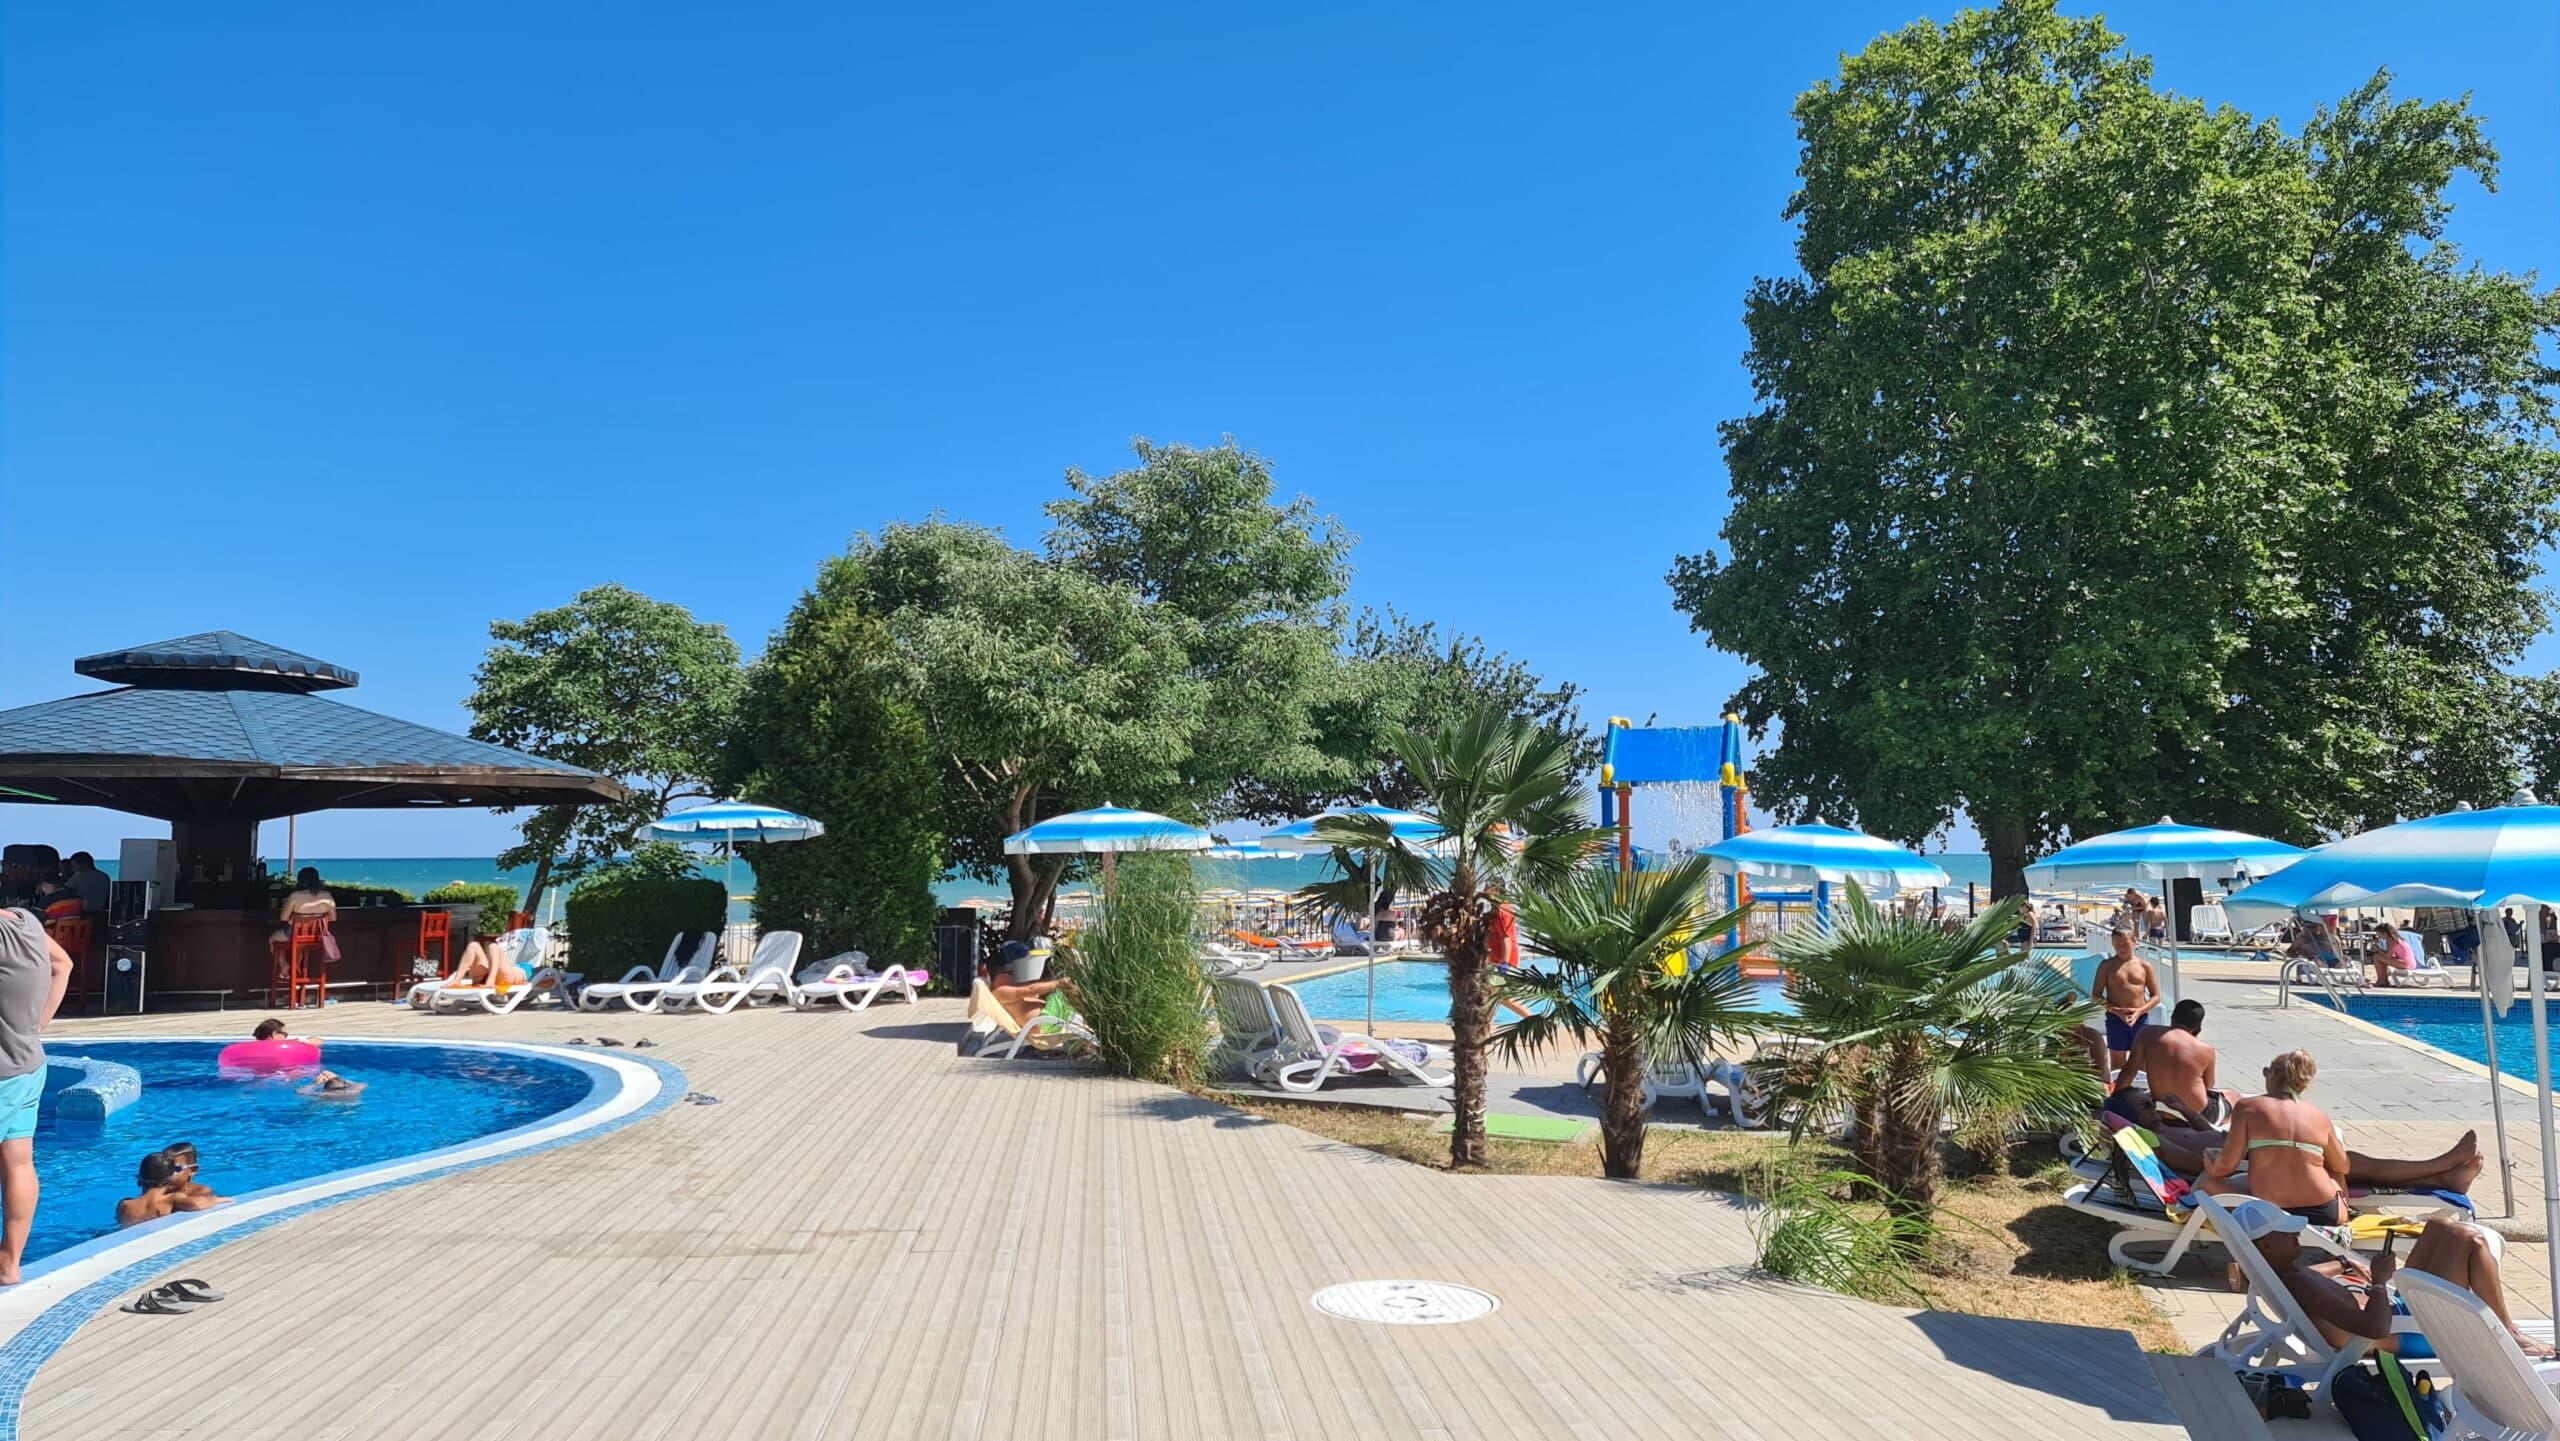 Impresii despre Hotel Kaliakra Albena 4* după o vacanță cu un copil mic. Review detaliat   Demamici.ro